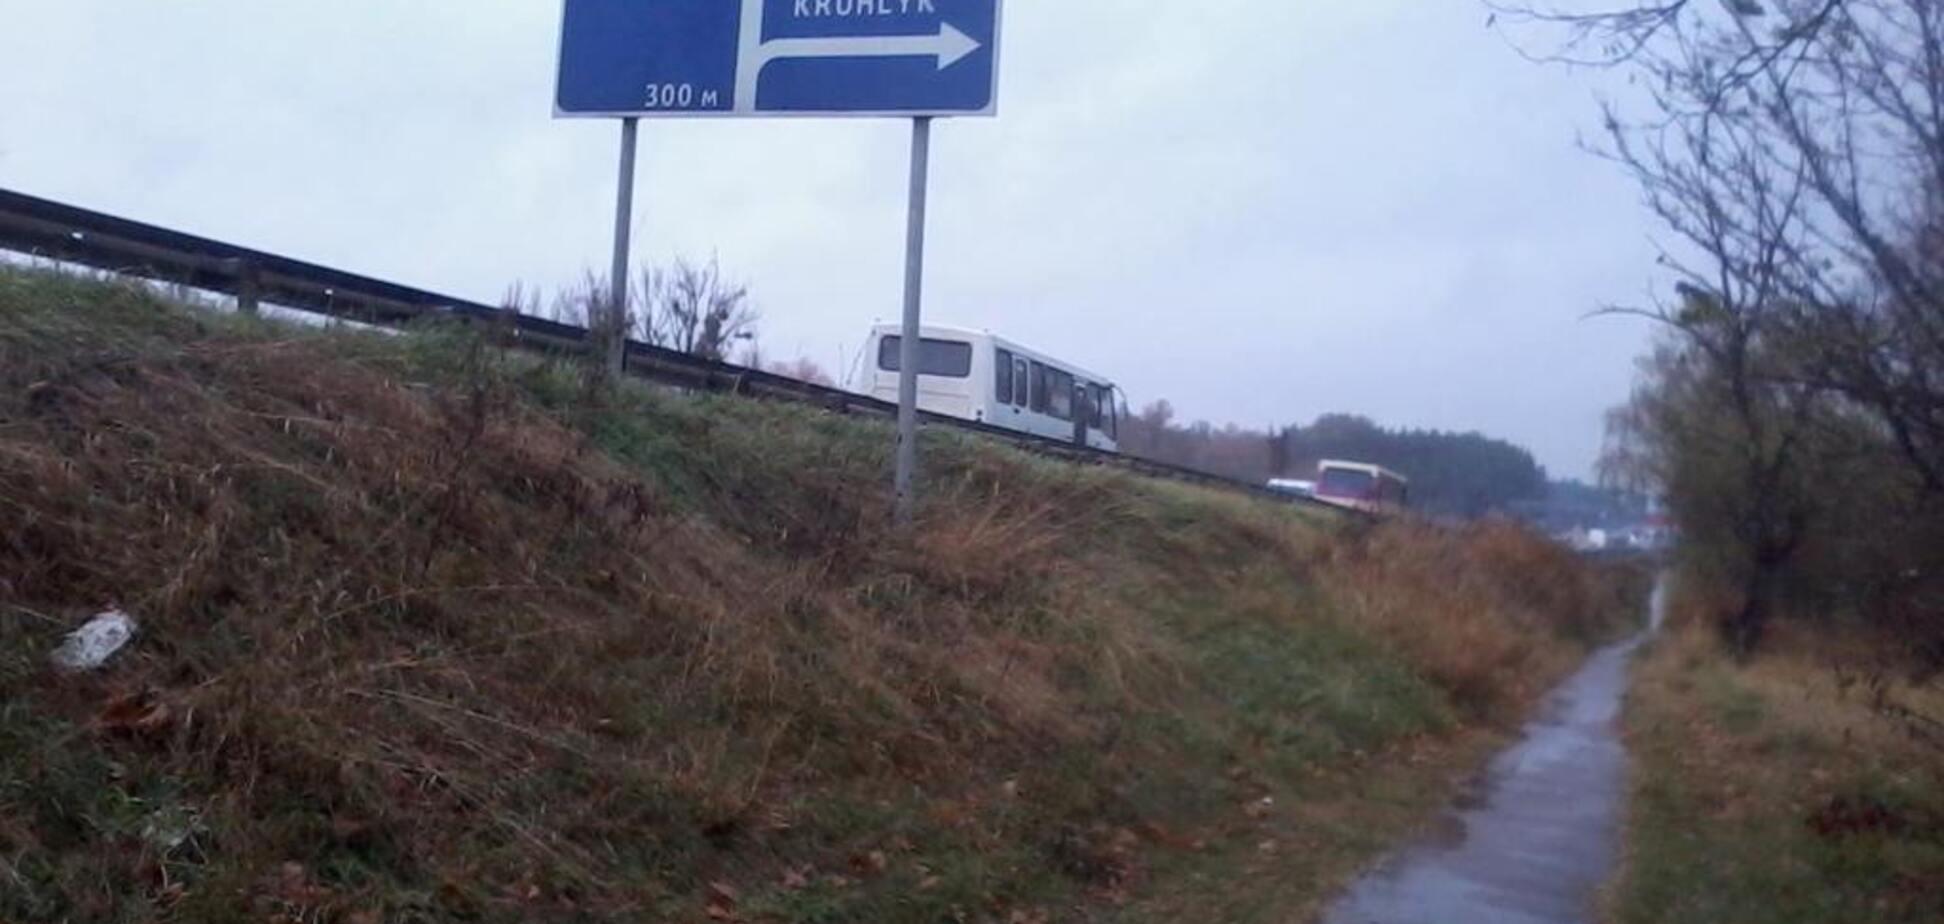 Жителі села під Києвом вийдуть мітингувати на дорогу